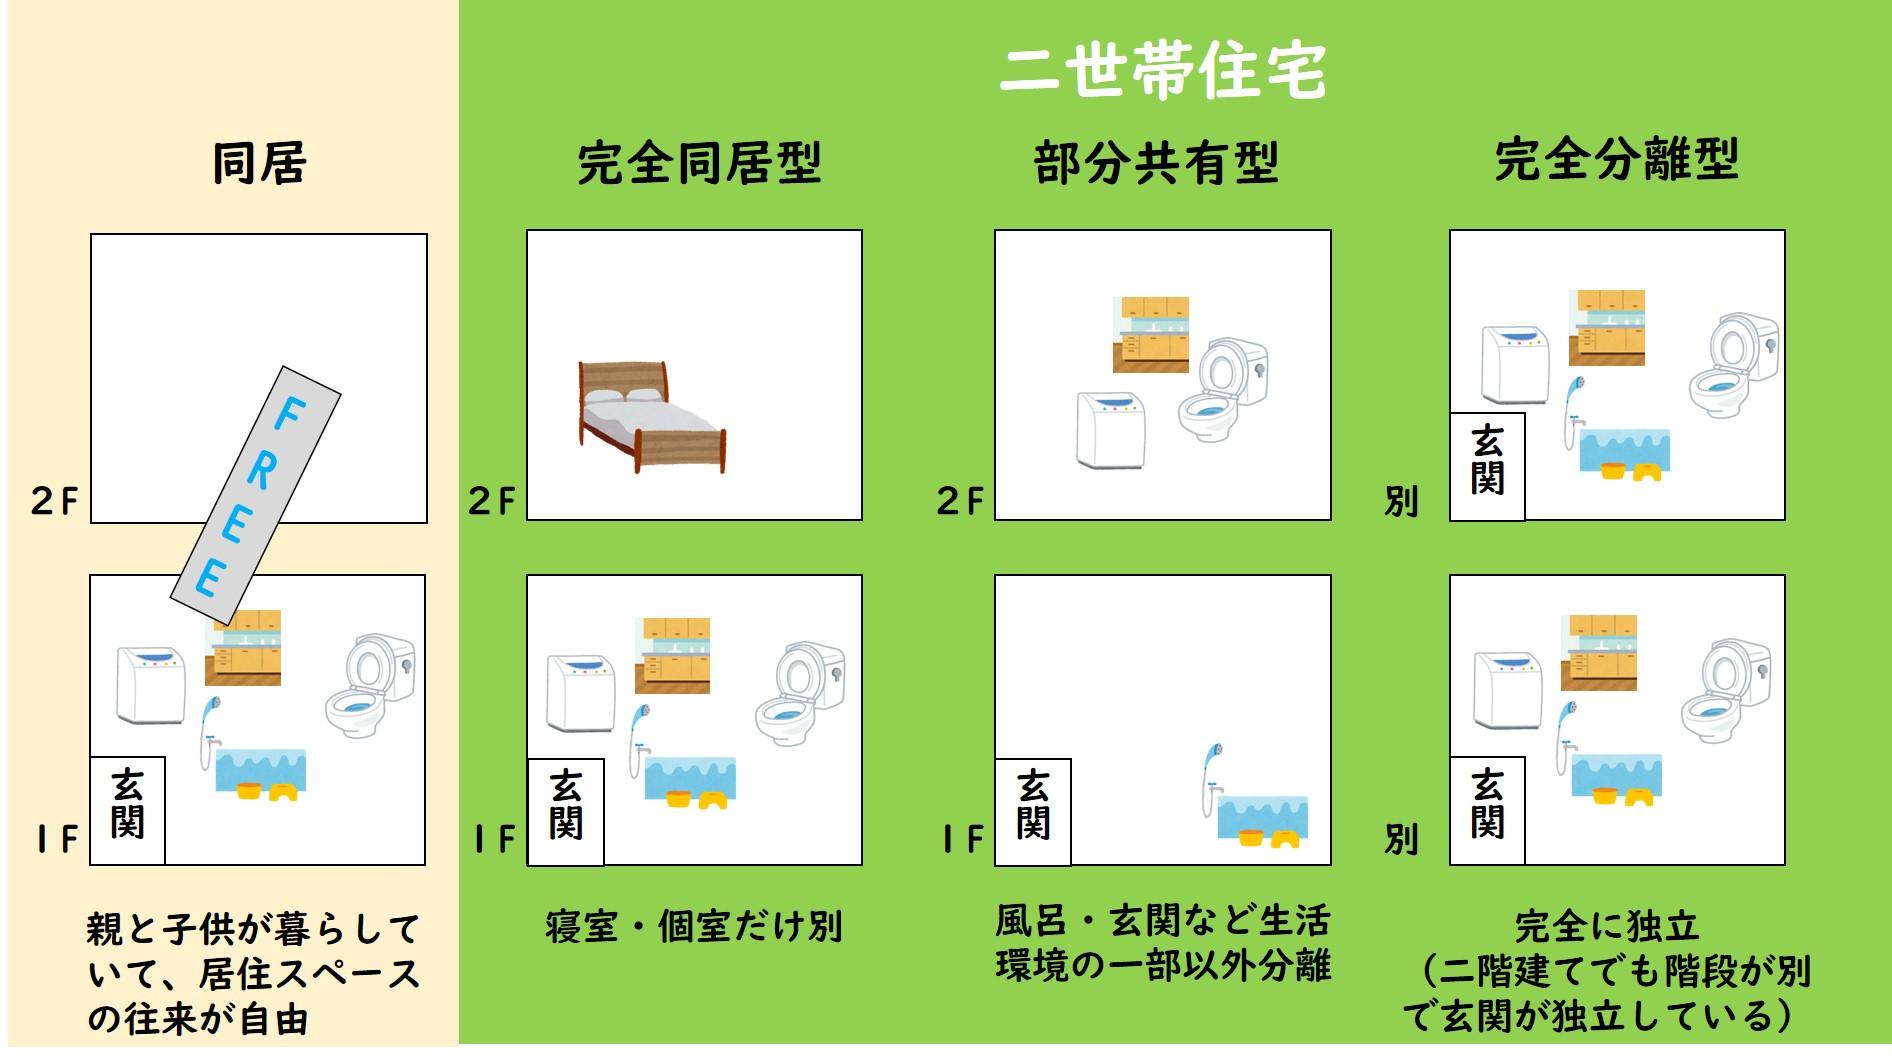 二世帯住宅で小規模宅地の特例は...